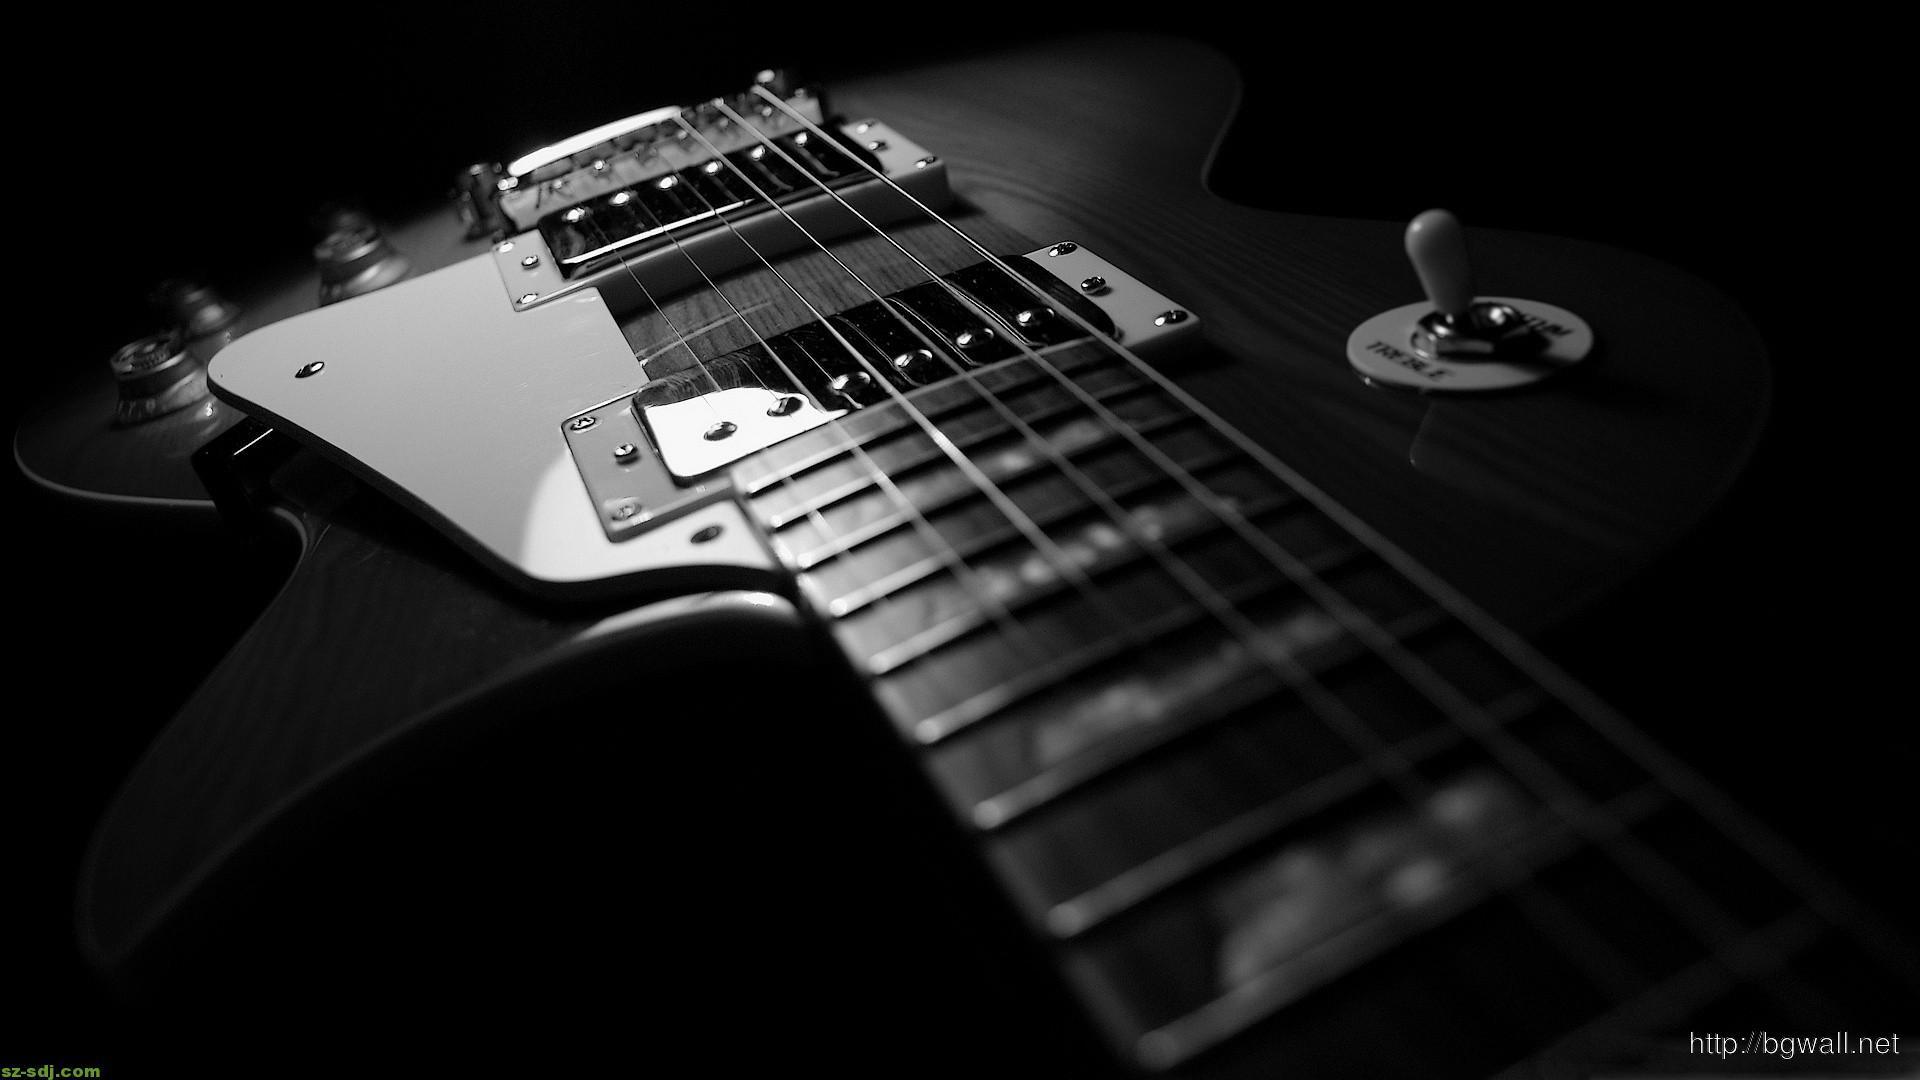 guitar-music-wallpaper-widescreen